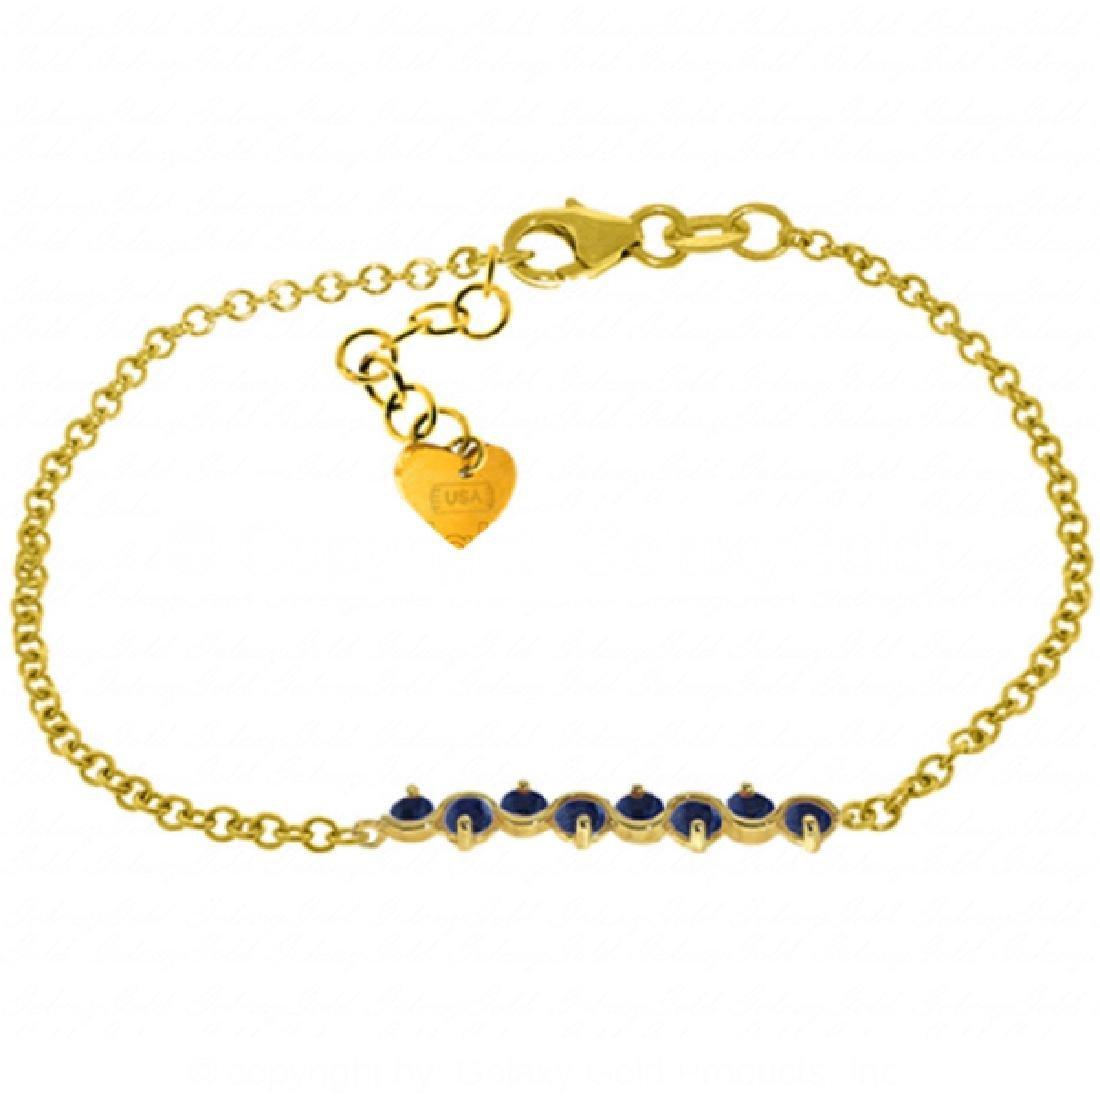 Genuine 1.55 ctw Sapphire Bracelet Jewelry 14KT Yellow